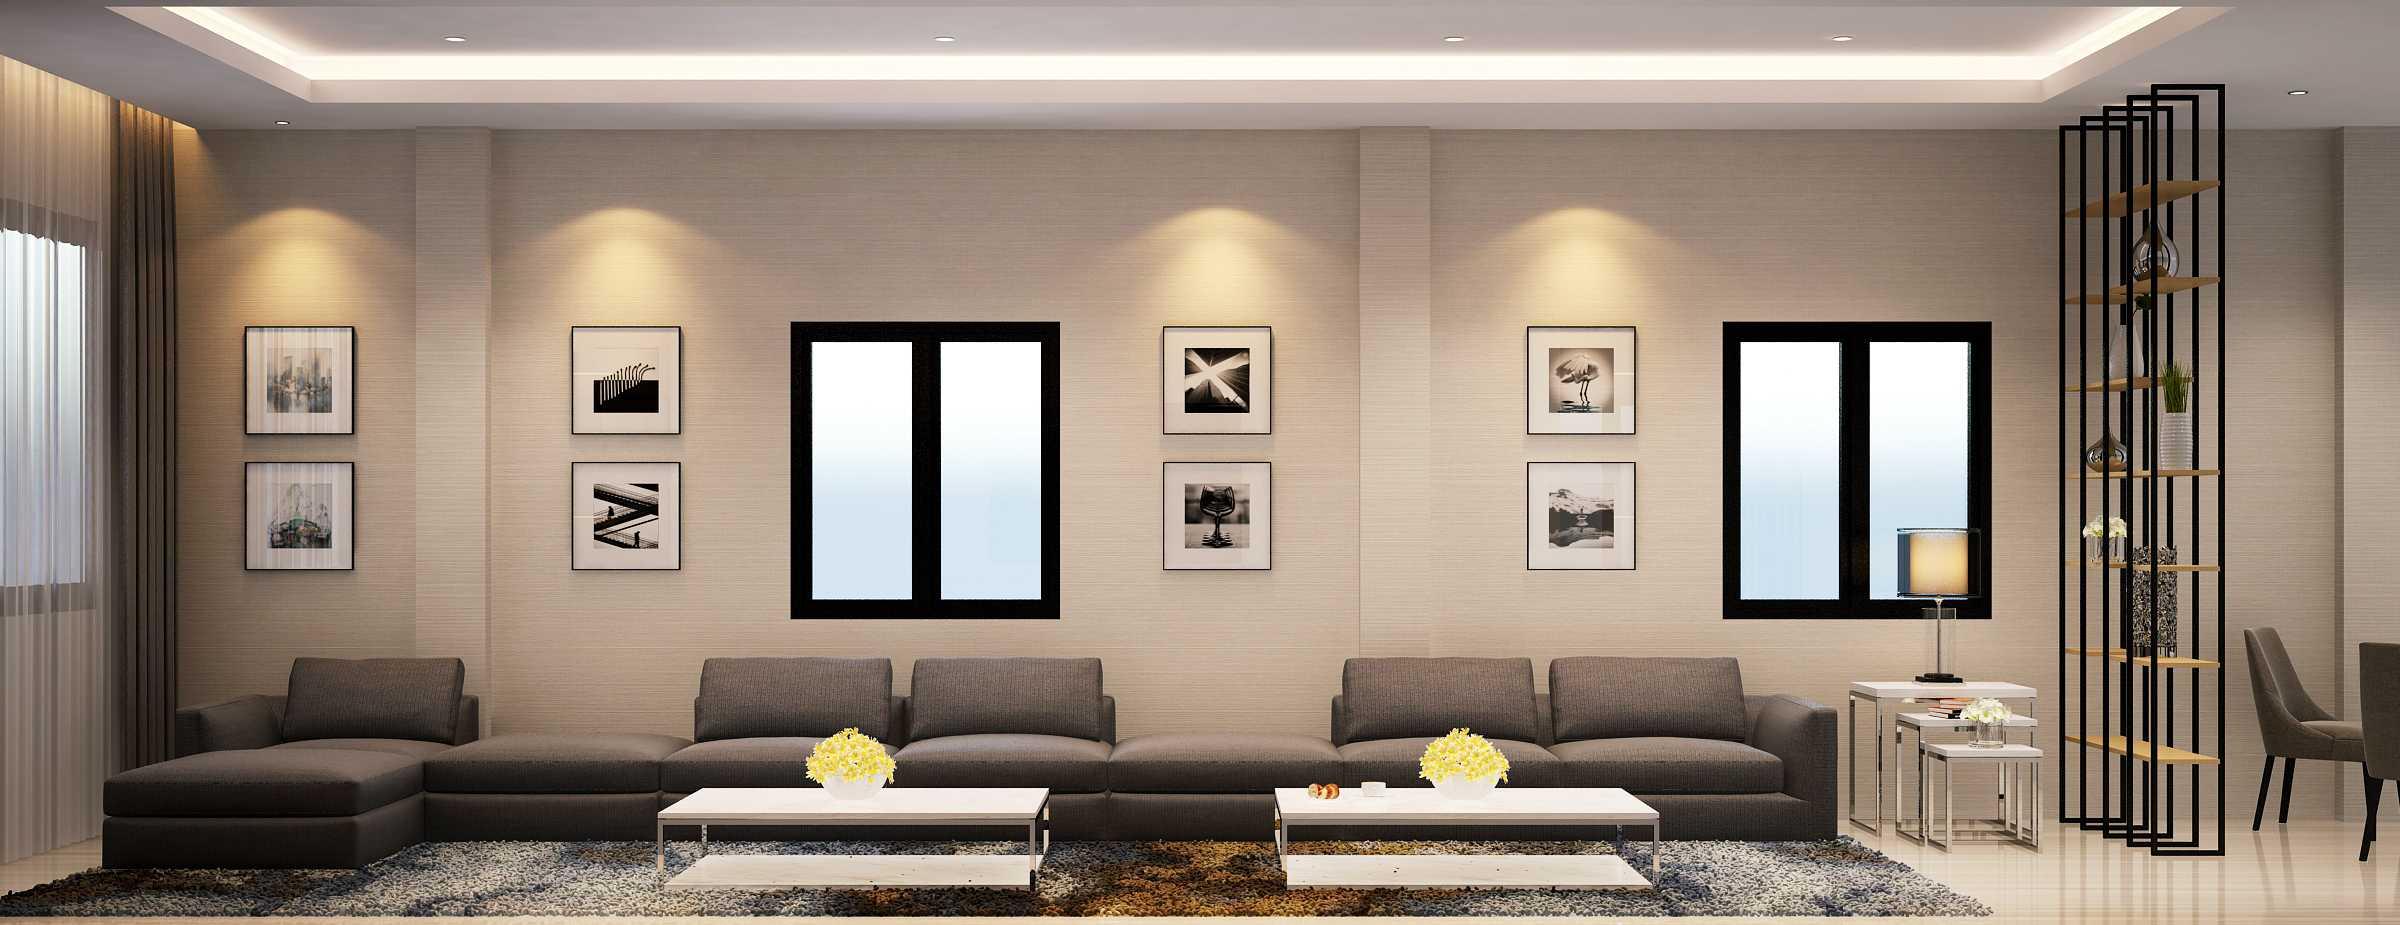 Simplifica Interior Mi House Medan, Kota Medan, Sumatera Utara, Indonesia Medan, Kota Medan, Sumatera Utara, Indonesia Simplifica-Interior-Mr-Ivan-House   62981